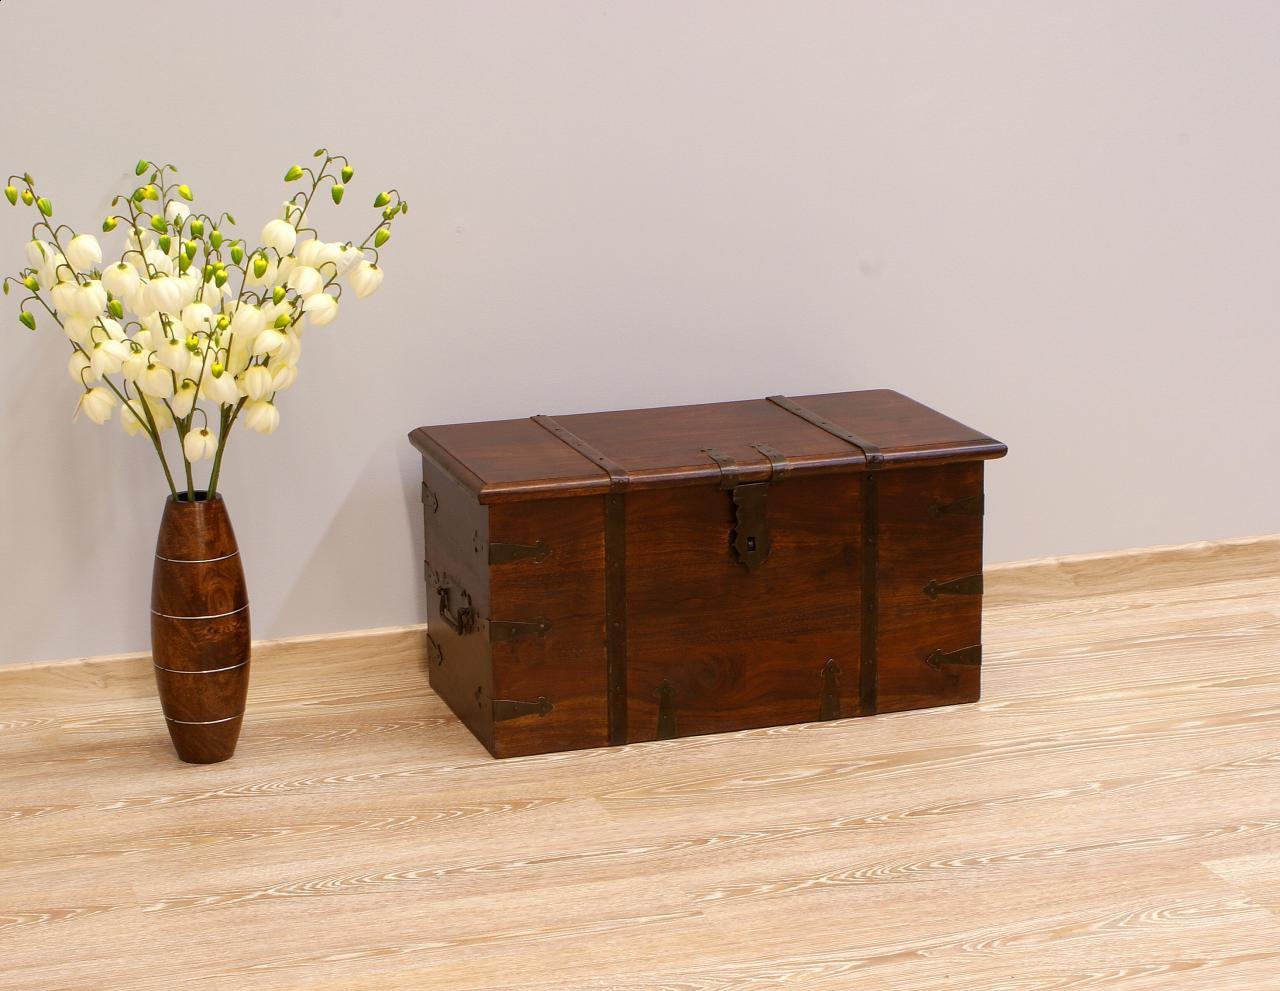 Kufer kolonialny lite drewno palisander indyjski metalowe okucia